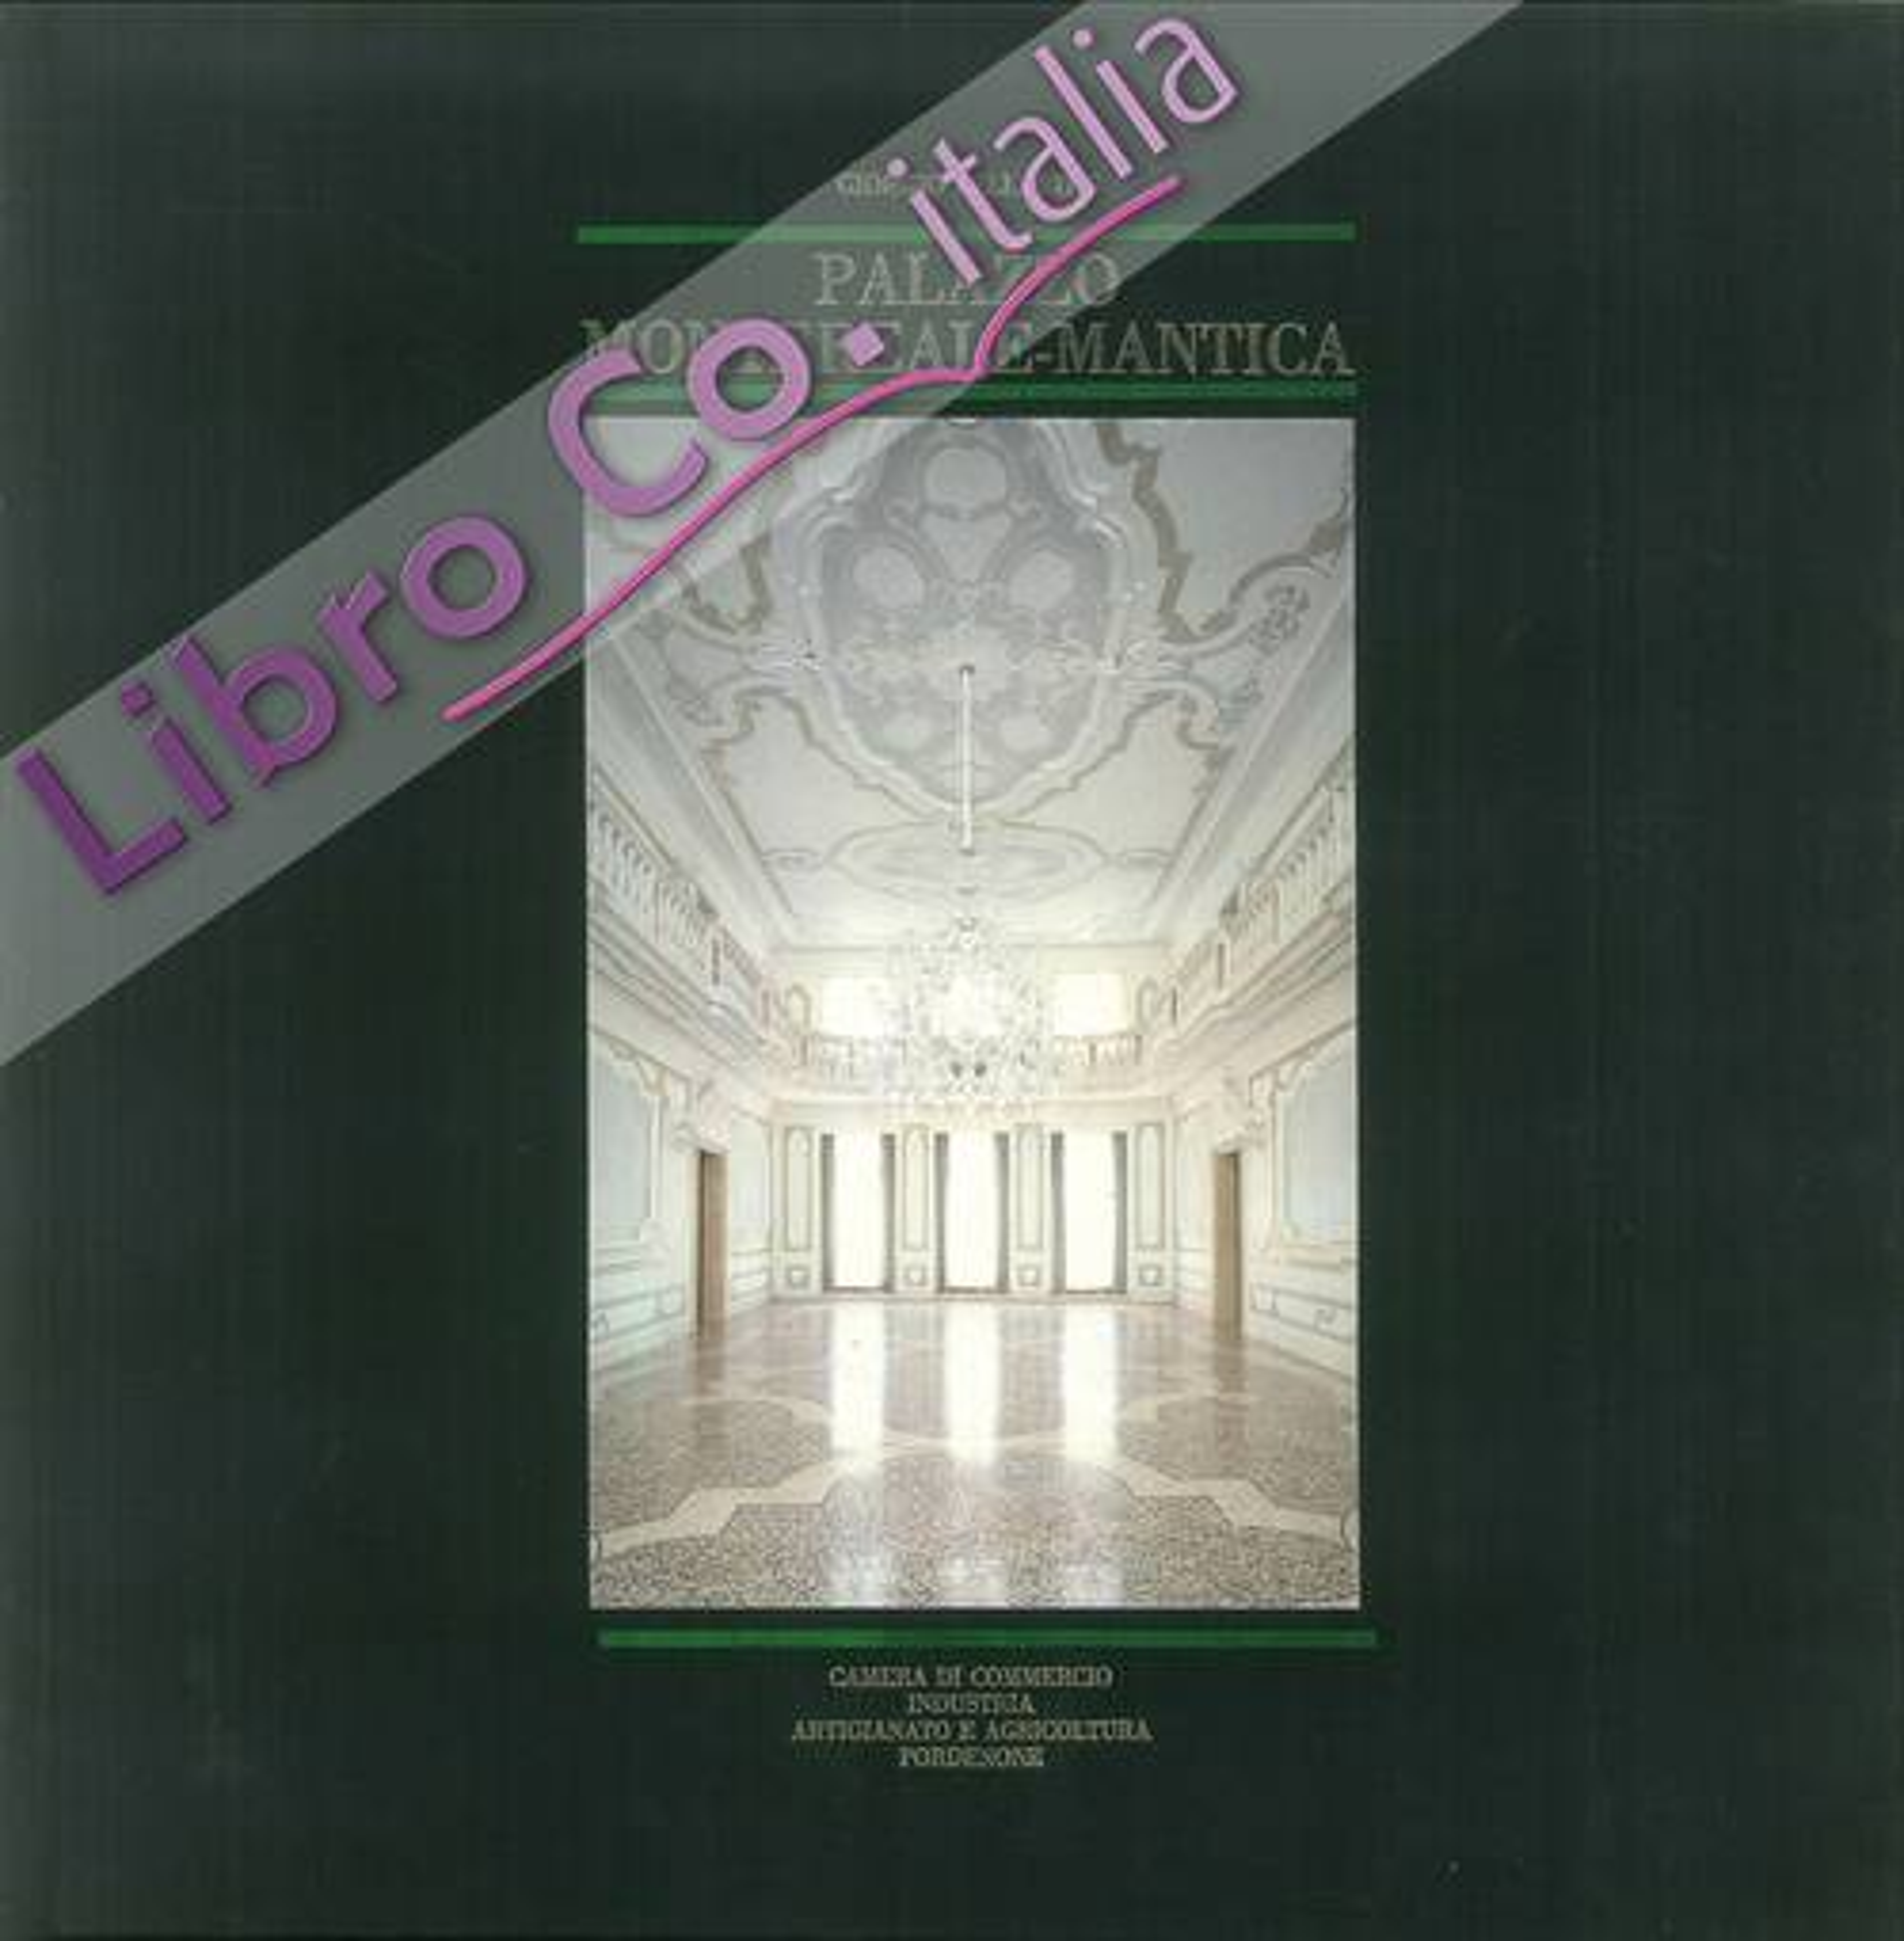 Palazzo Montereale-Mantica